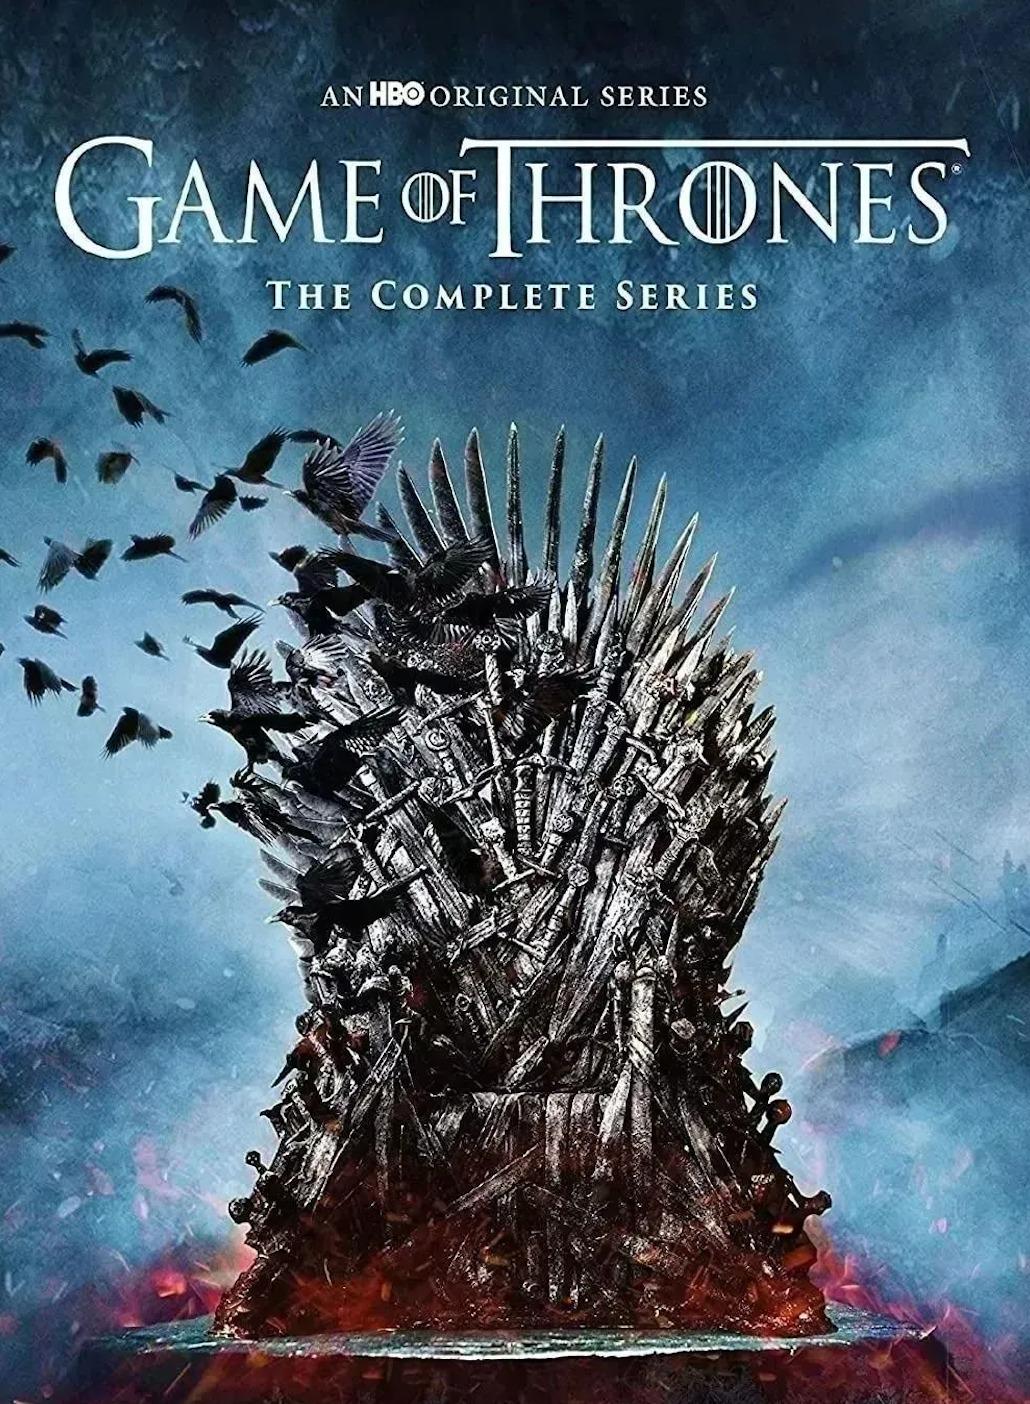 <p><strong>Game of Thrones 10/9.2</strong></p><p>Dizi, Westeros'un mistik toprakları ve Yedi Krallık'ın kontrolü için mücadeleye giren 9 soylu ailenin taht oyunlarını ve düşmanlıklarını anlatıldığı sonsuz bir macerayı konu ediniyor.</p>